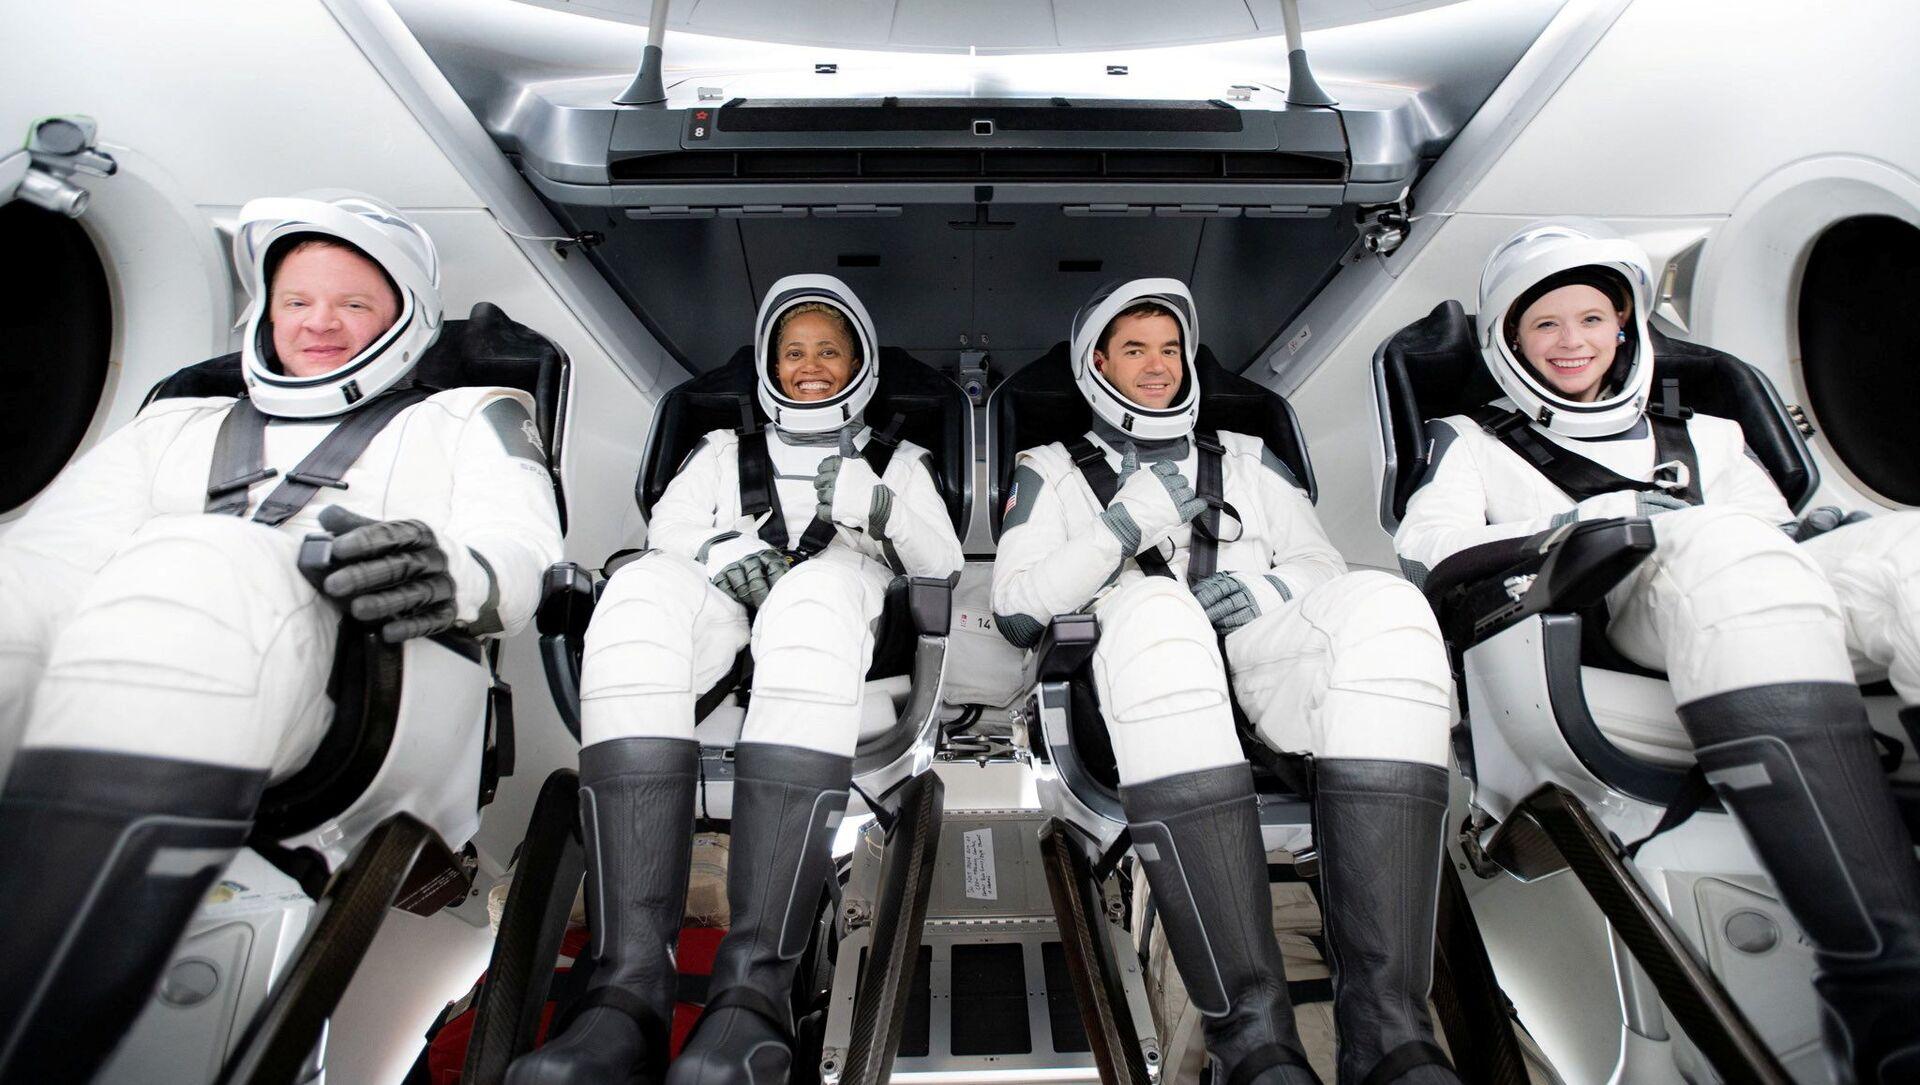 宇宙旅行者:スペースX、乗客4人を乗せた宇宙船クルードラゴン打ち上げ 宇宙旅行ミッション「Inspiration4」 - Sputnik 日本, 1920, 18.09.2021